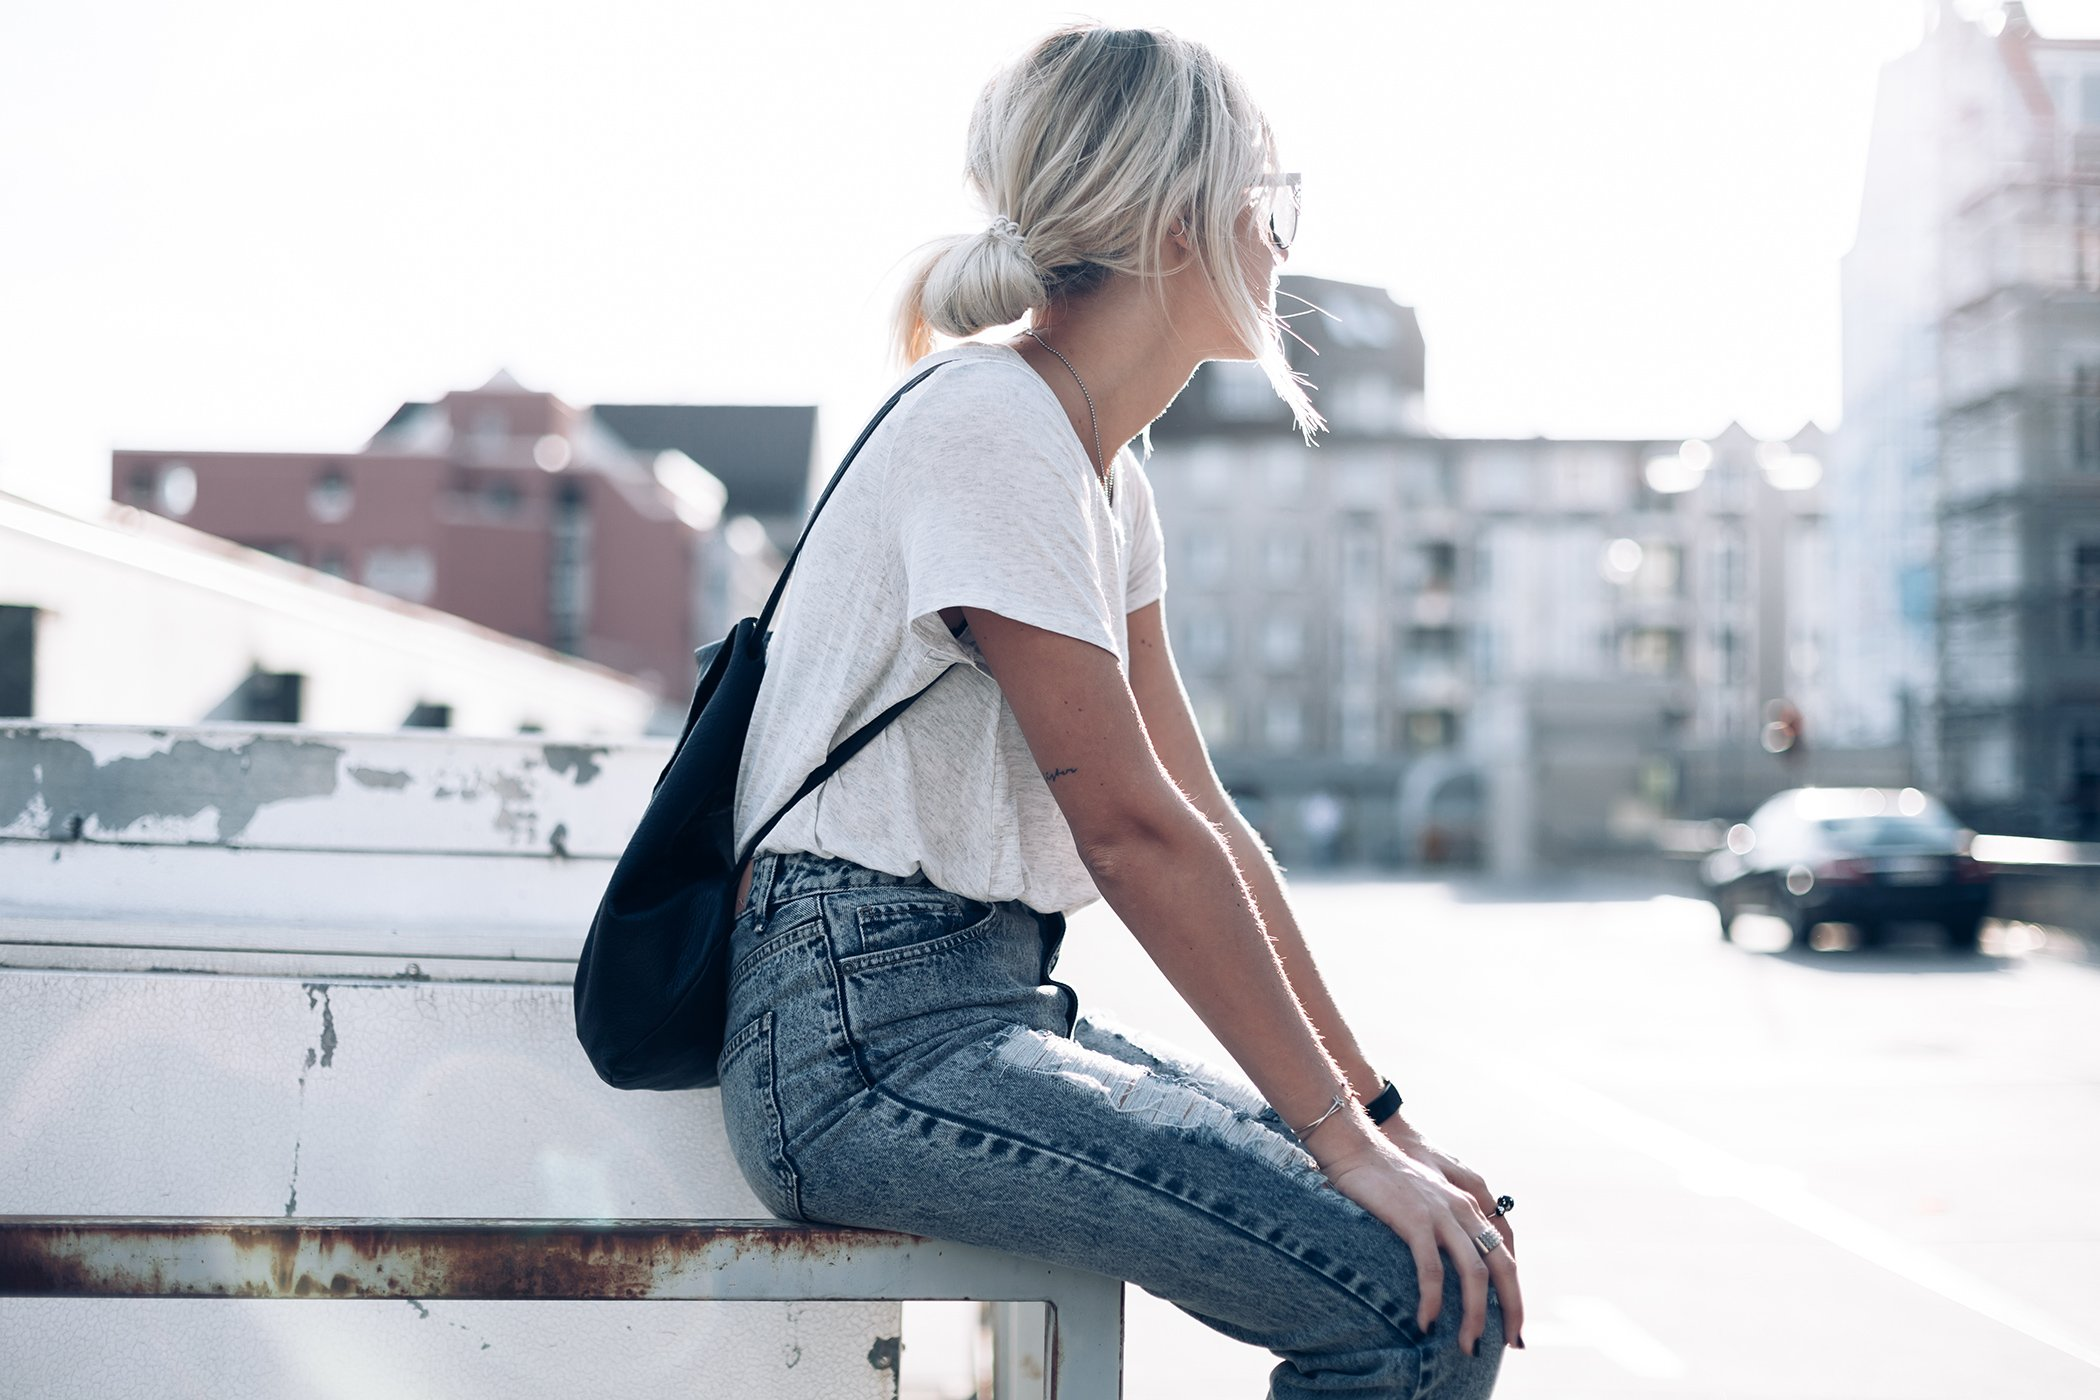 mikuta-loves-her-jeans-7